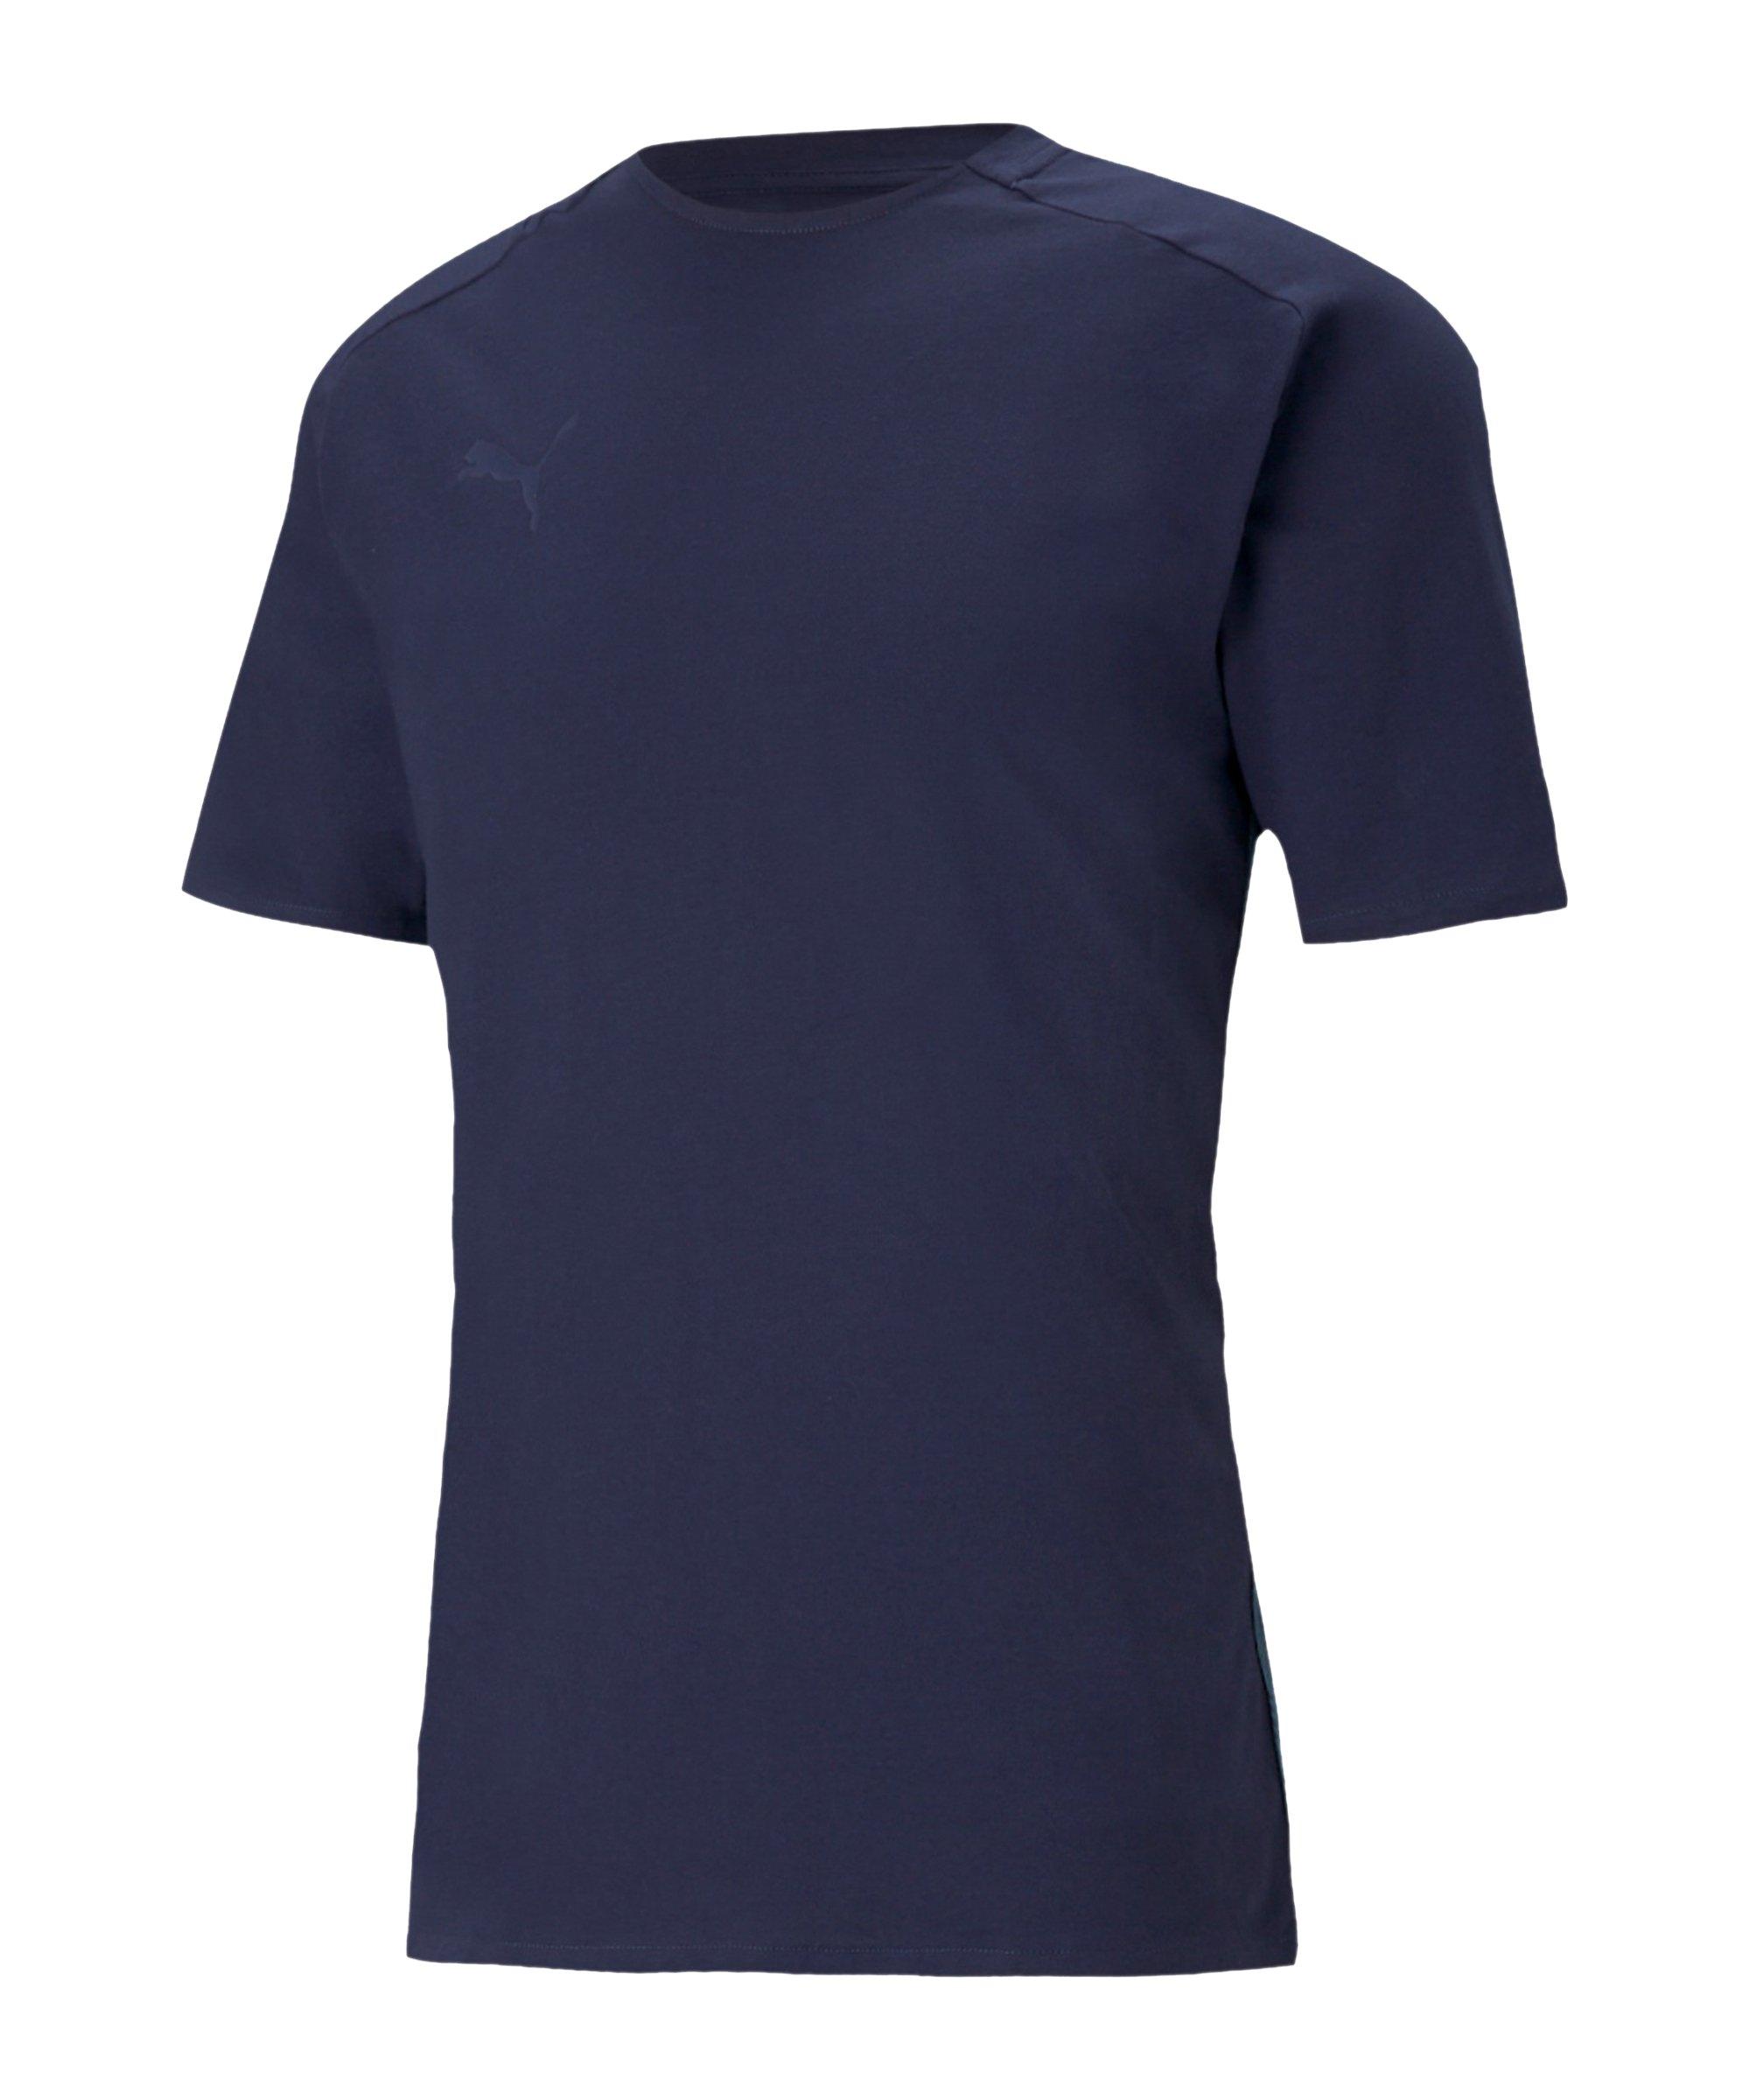 PUMA teamCUP Casuals T-Shirt Blau F02 - blau